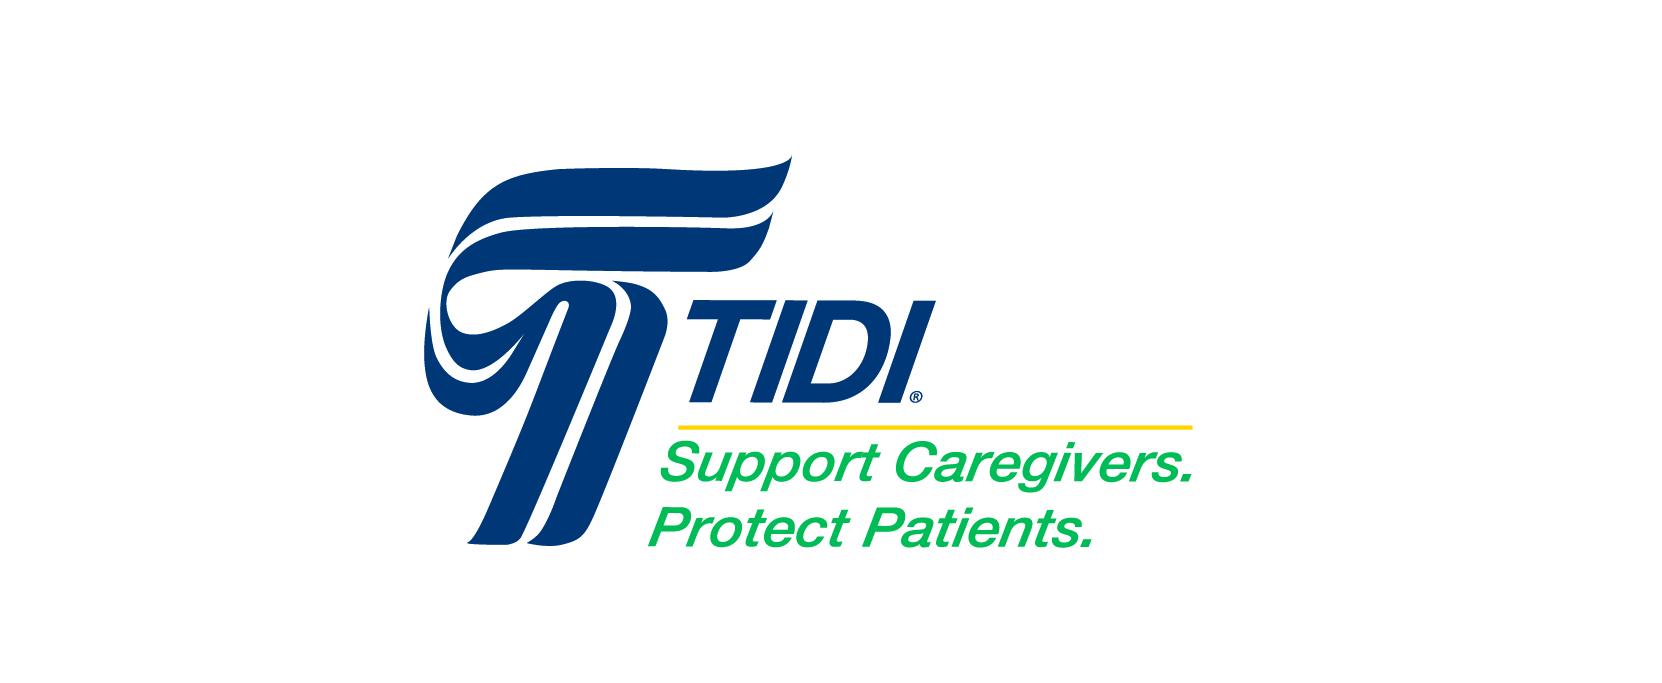 TIDI_logo_color.jpg